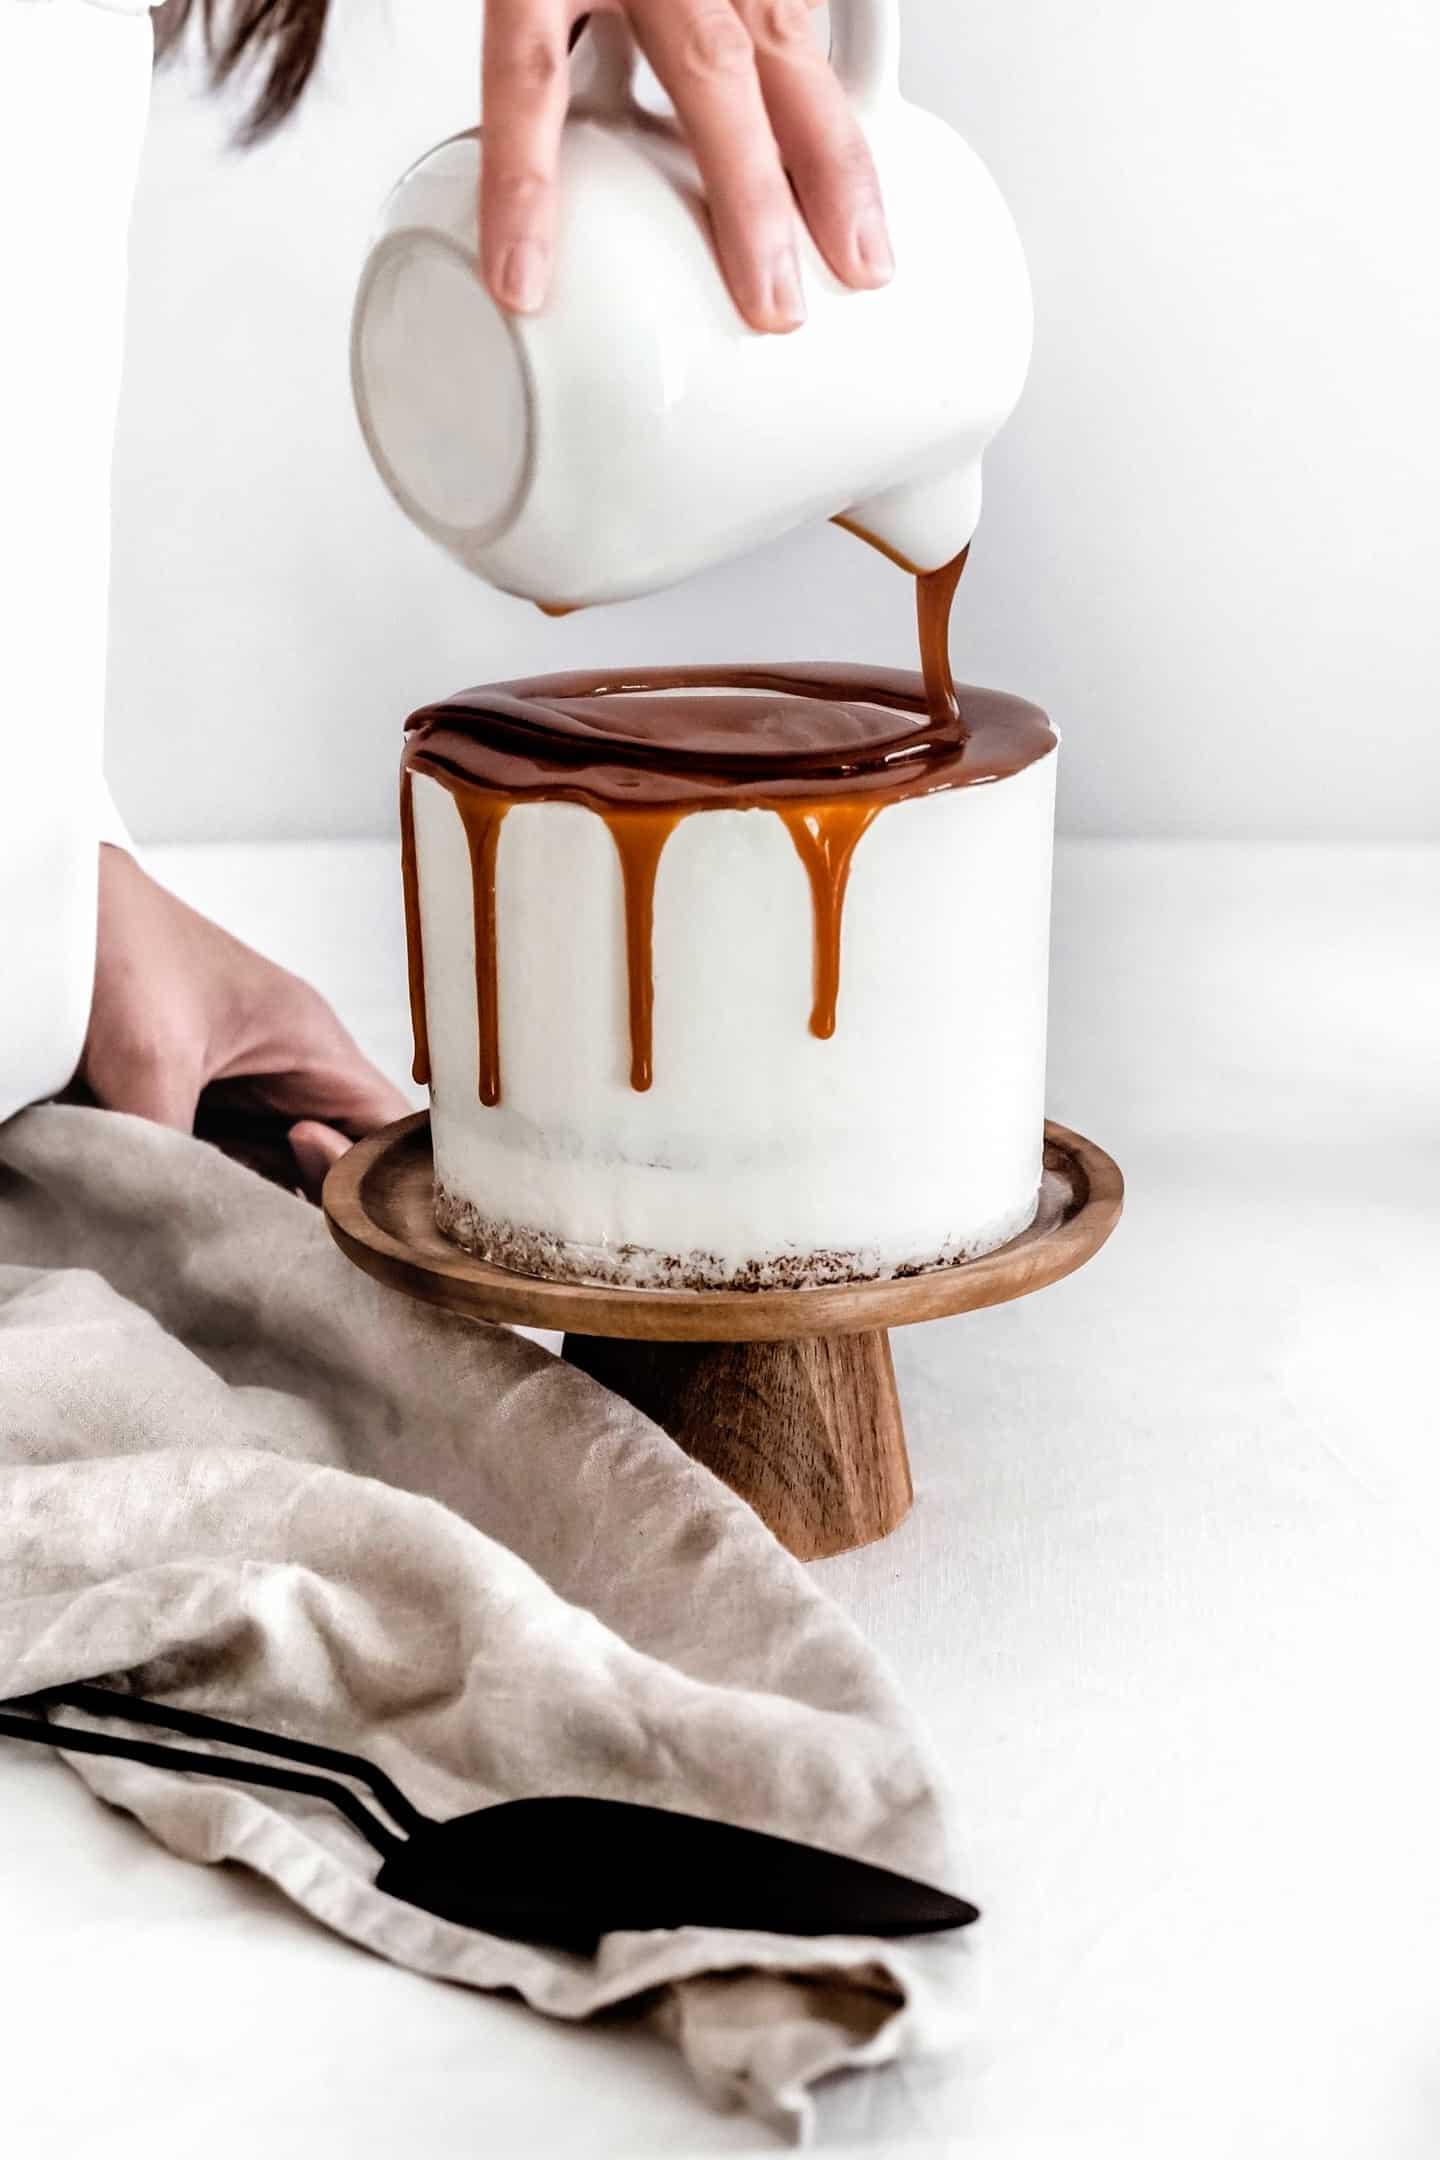 Layer cake caramel